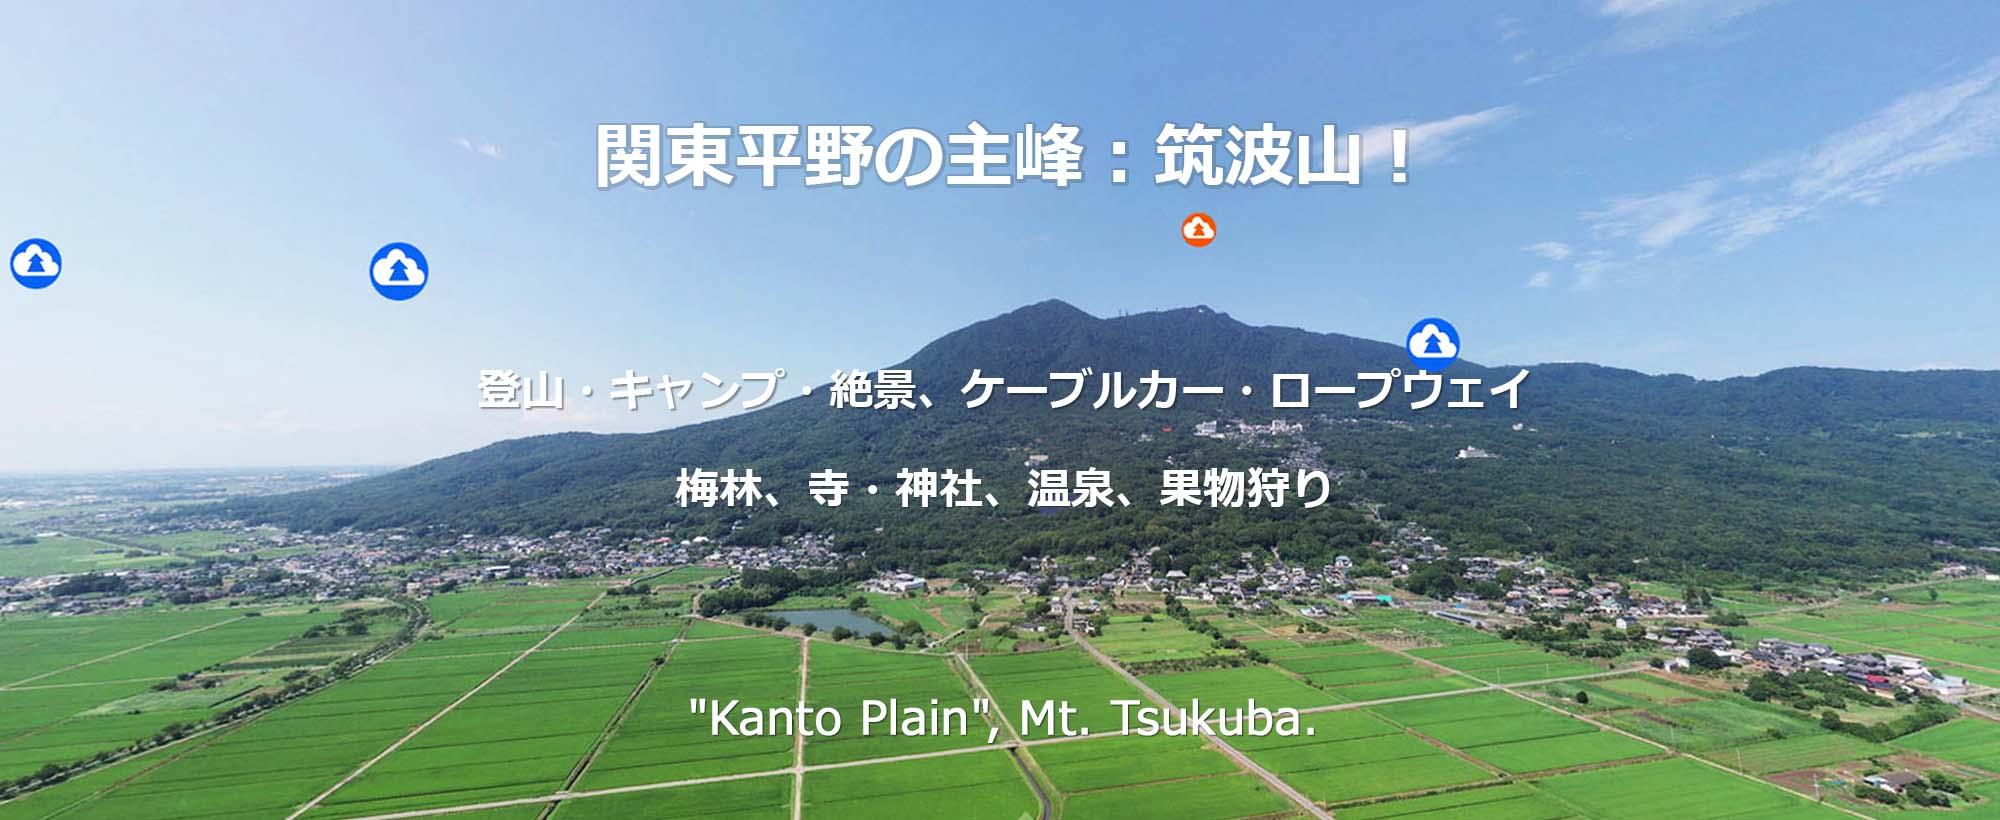 茨城県の観光名所筑波山のVRツアー